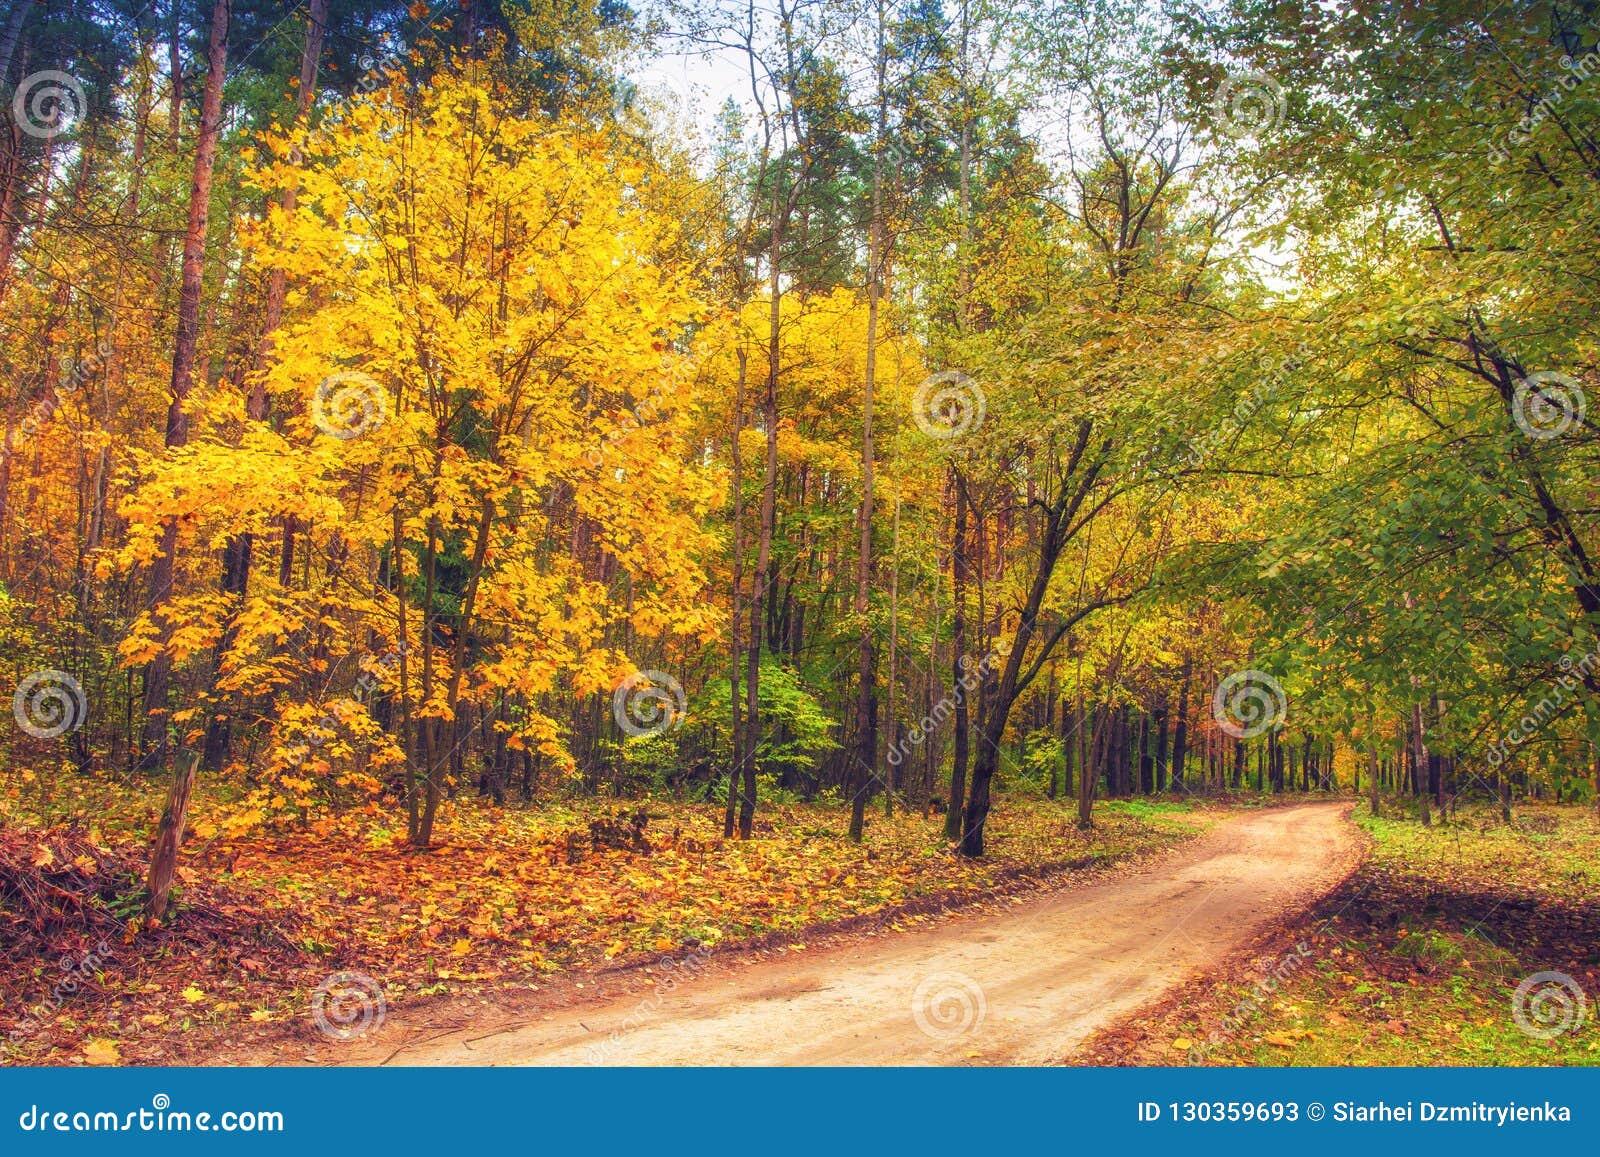 Camino en paisaje de la naturaleza del bosque del otoño Caída Árboles coloridos en hojas amarillas del bosque en árboles en arbol